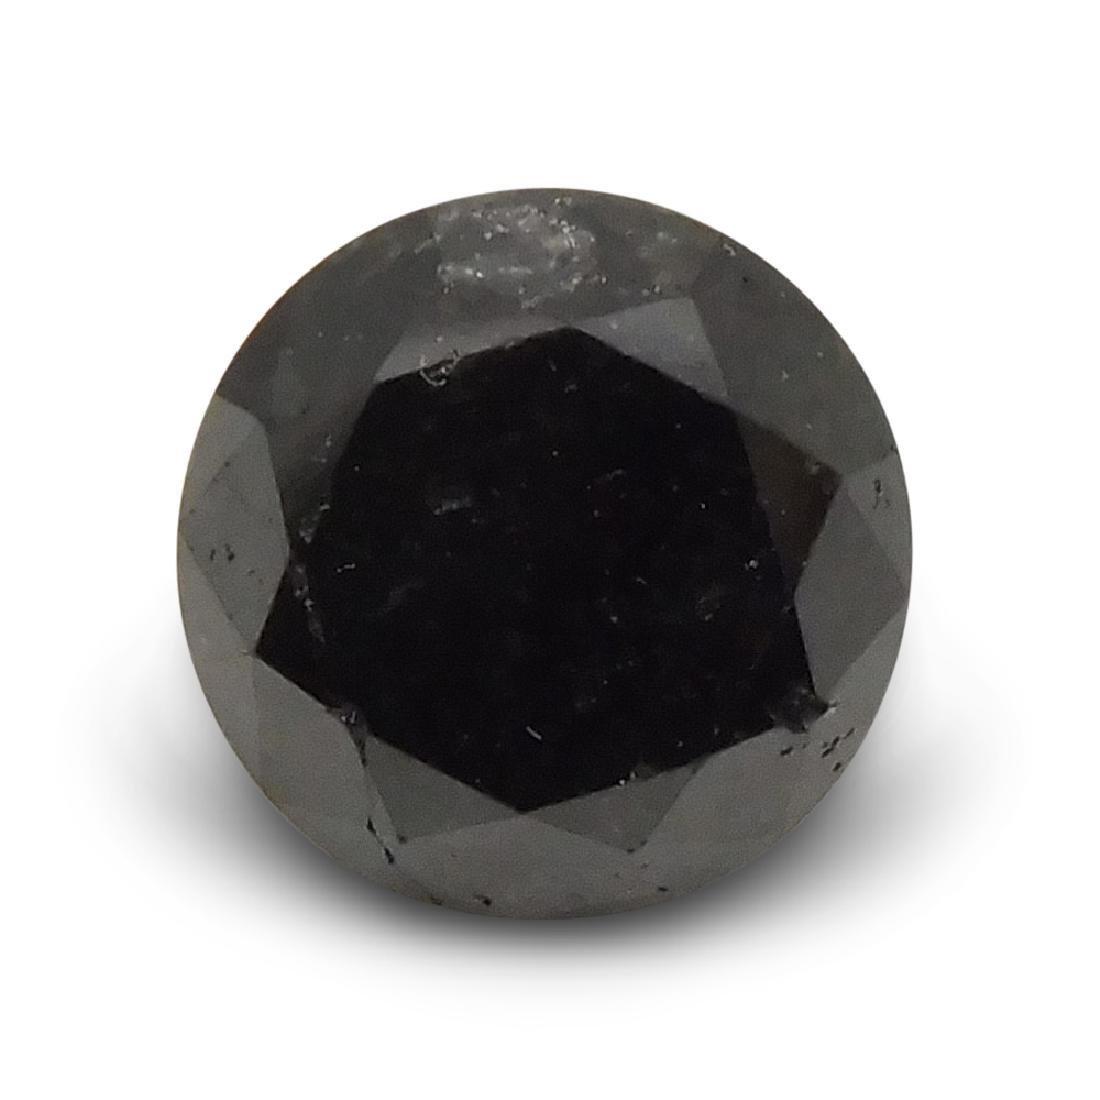 1.9 Carat Loose Round Black Diamond